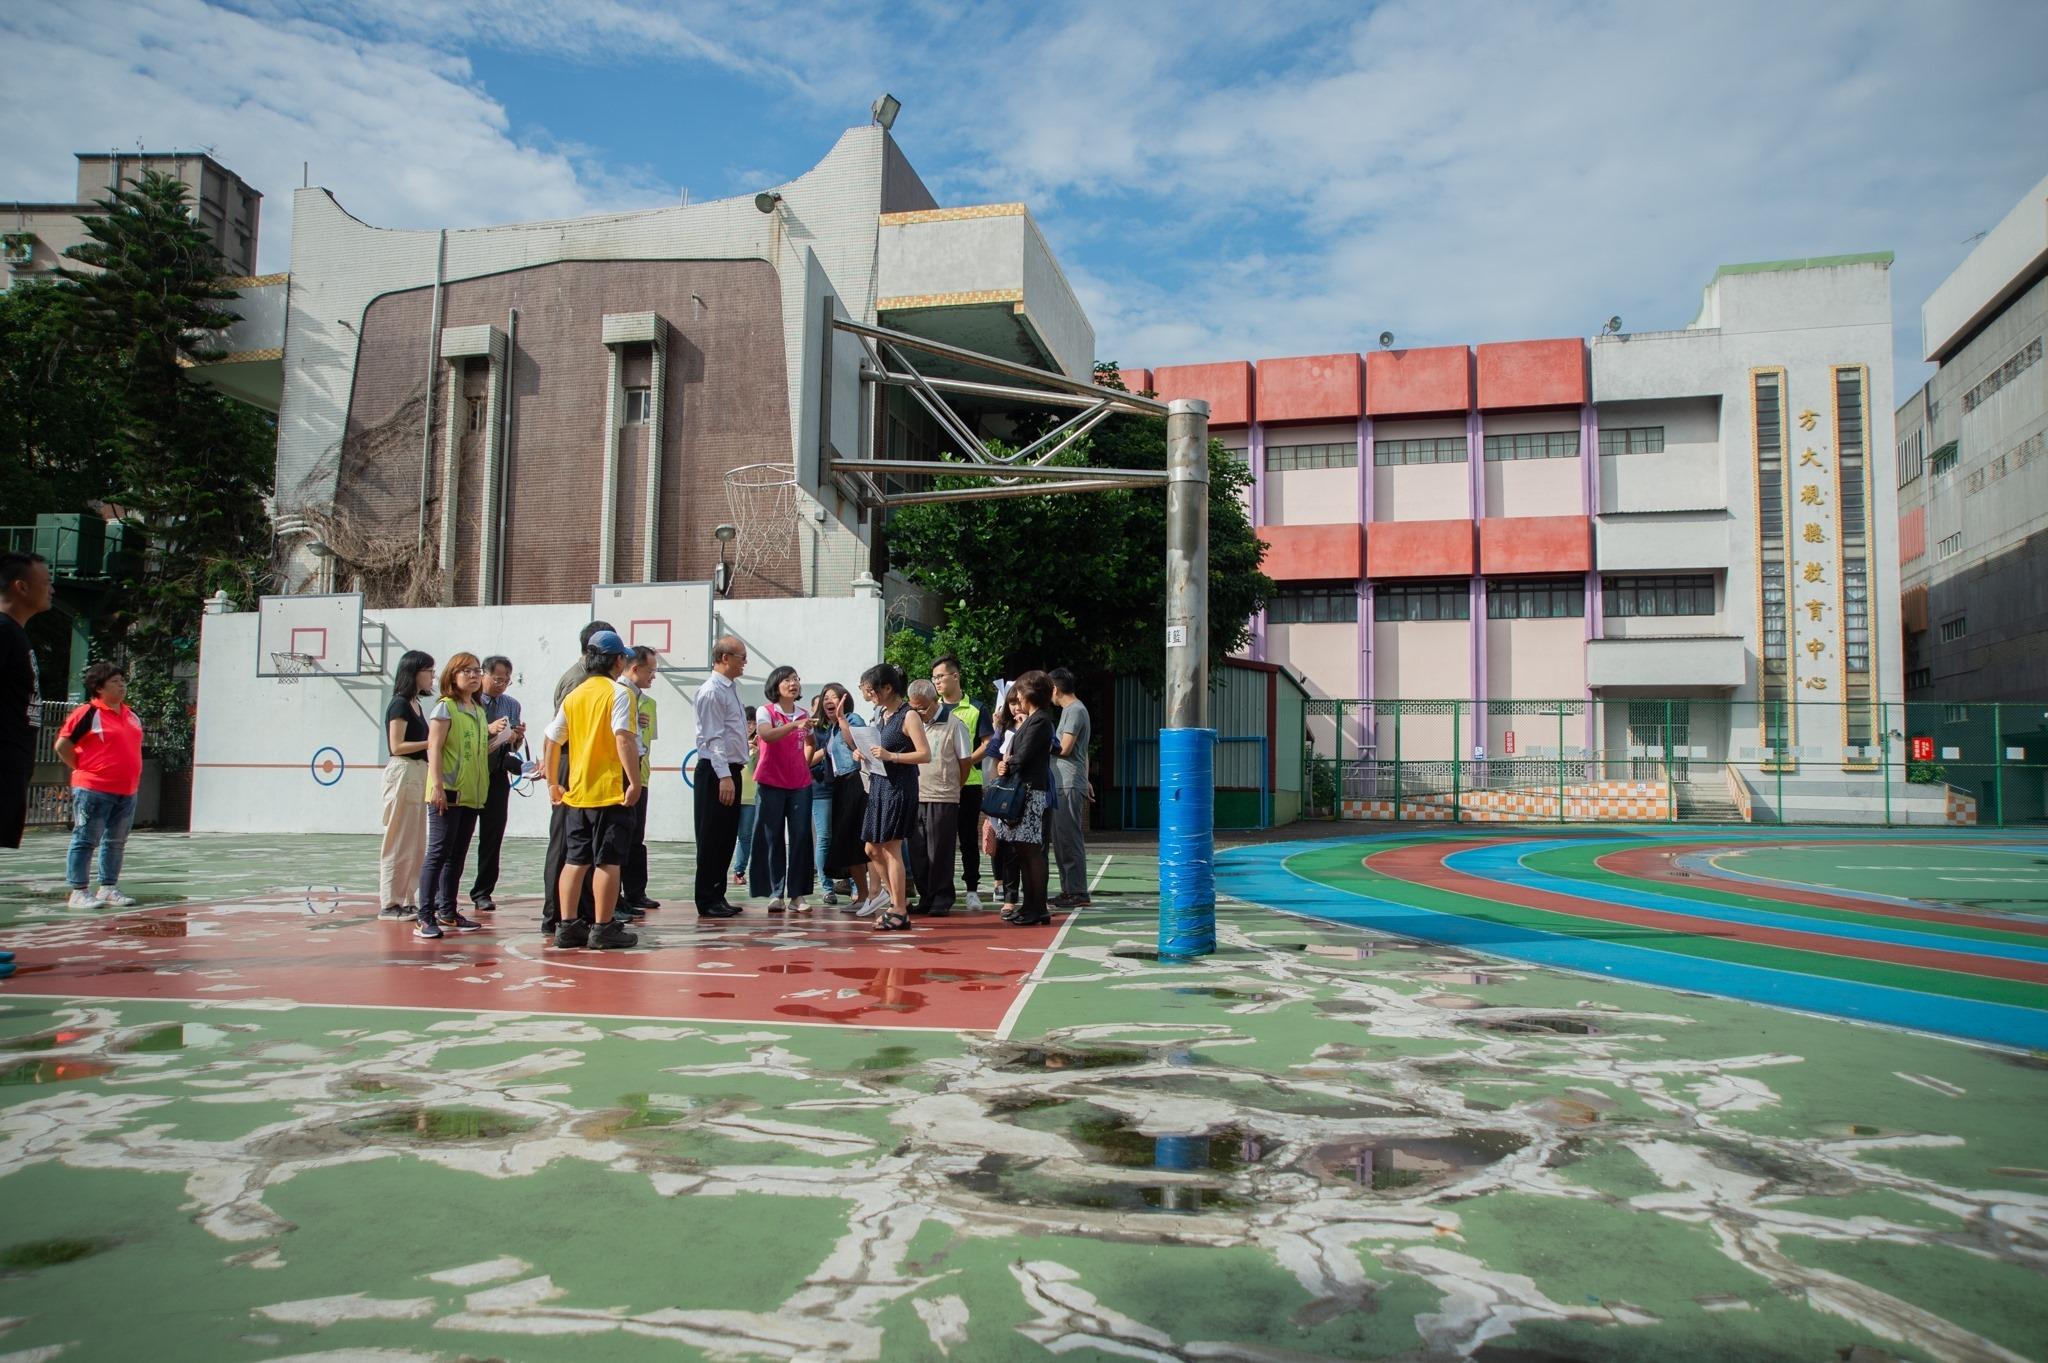 樹林國小籃球場鋪面龜裂十分嚴重,影響學生打球時的安全,